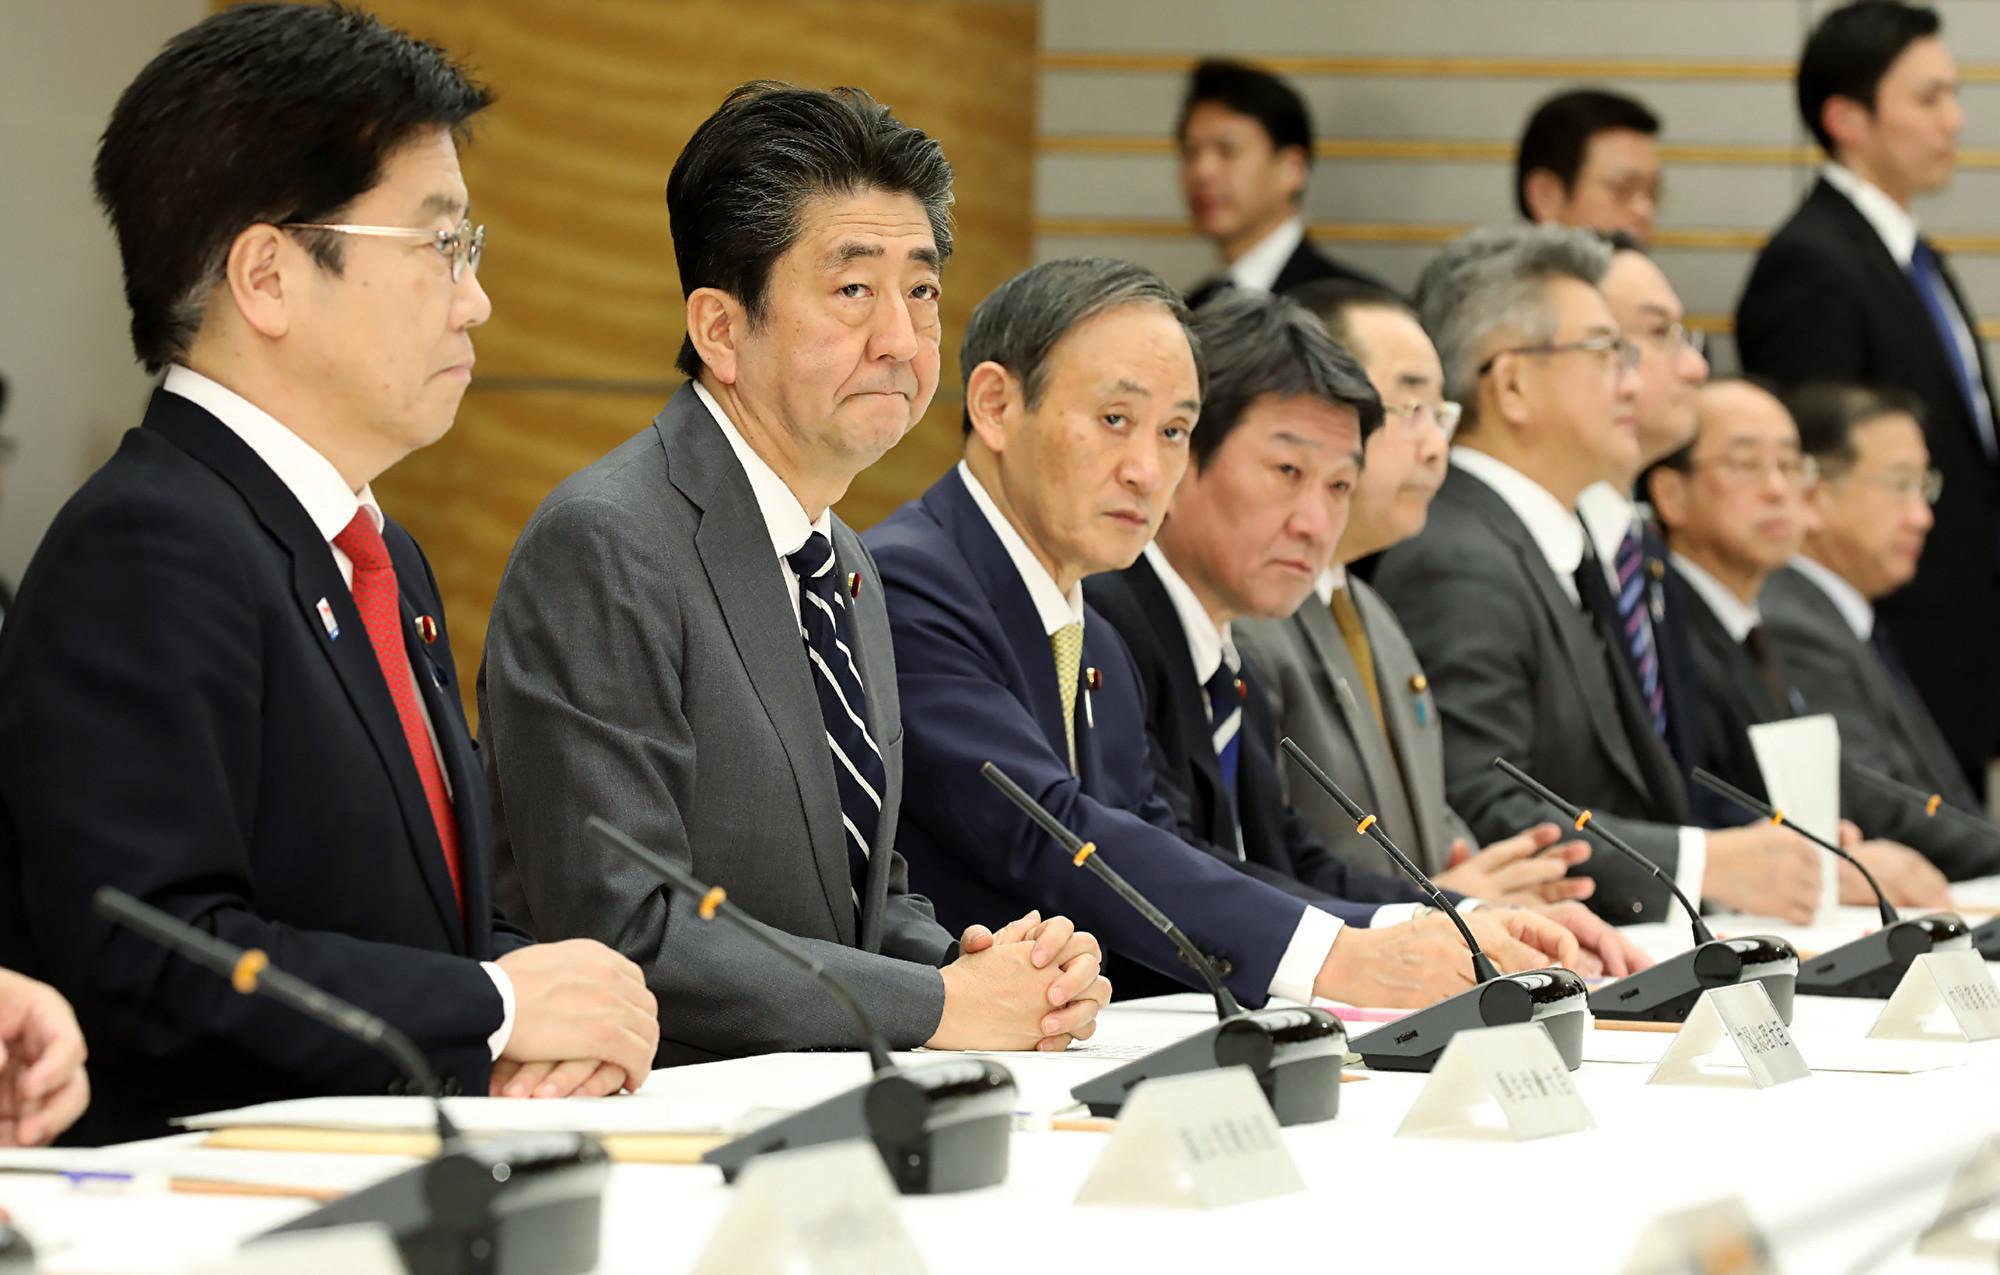 2020年2月14日,日本首相安倍晉三(左二)參加2019冠狀病毒疾病的防控會議。該國14日新增8宗武漢肺炎確診病例。(STR/JIJI PRESS/AFP)